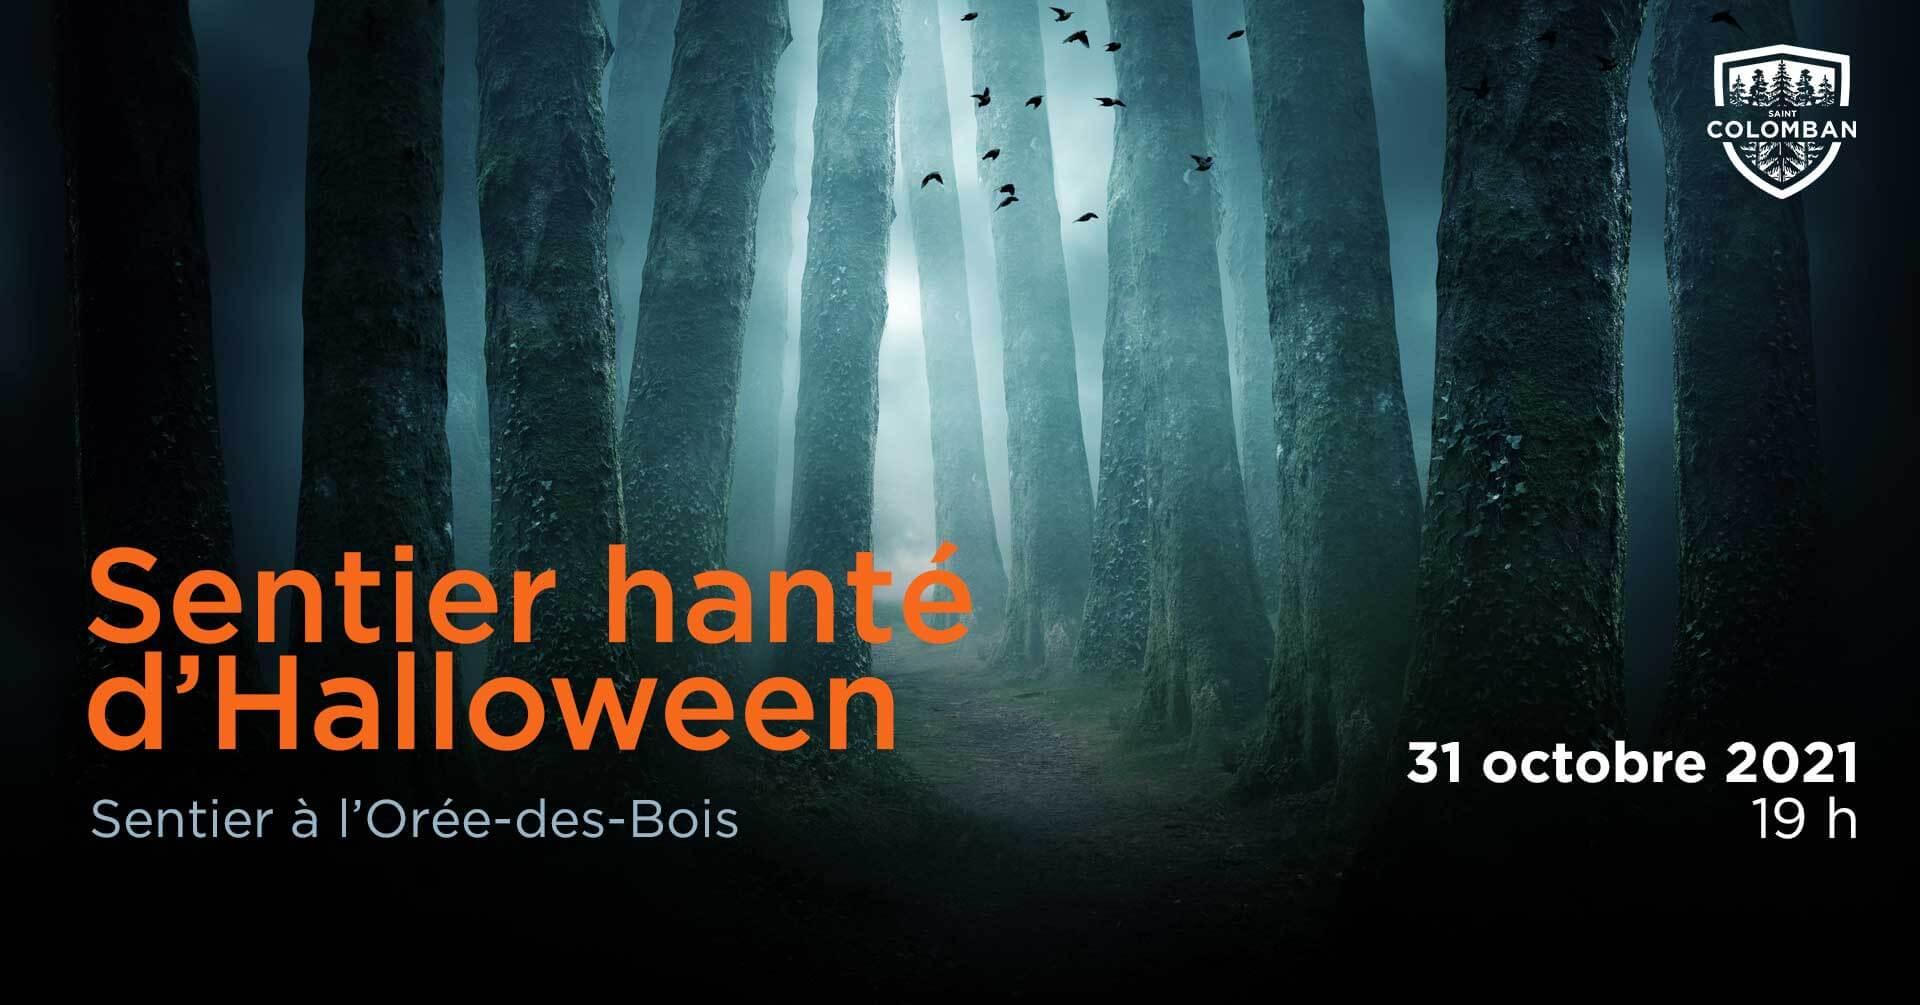 Sentier hanté d'Halloween